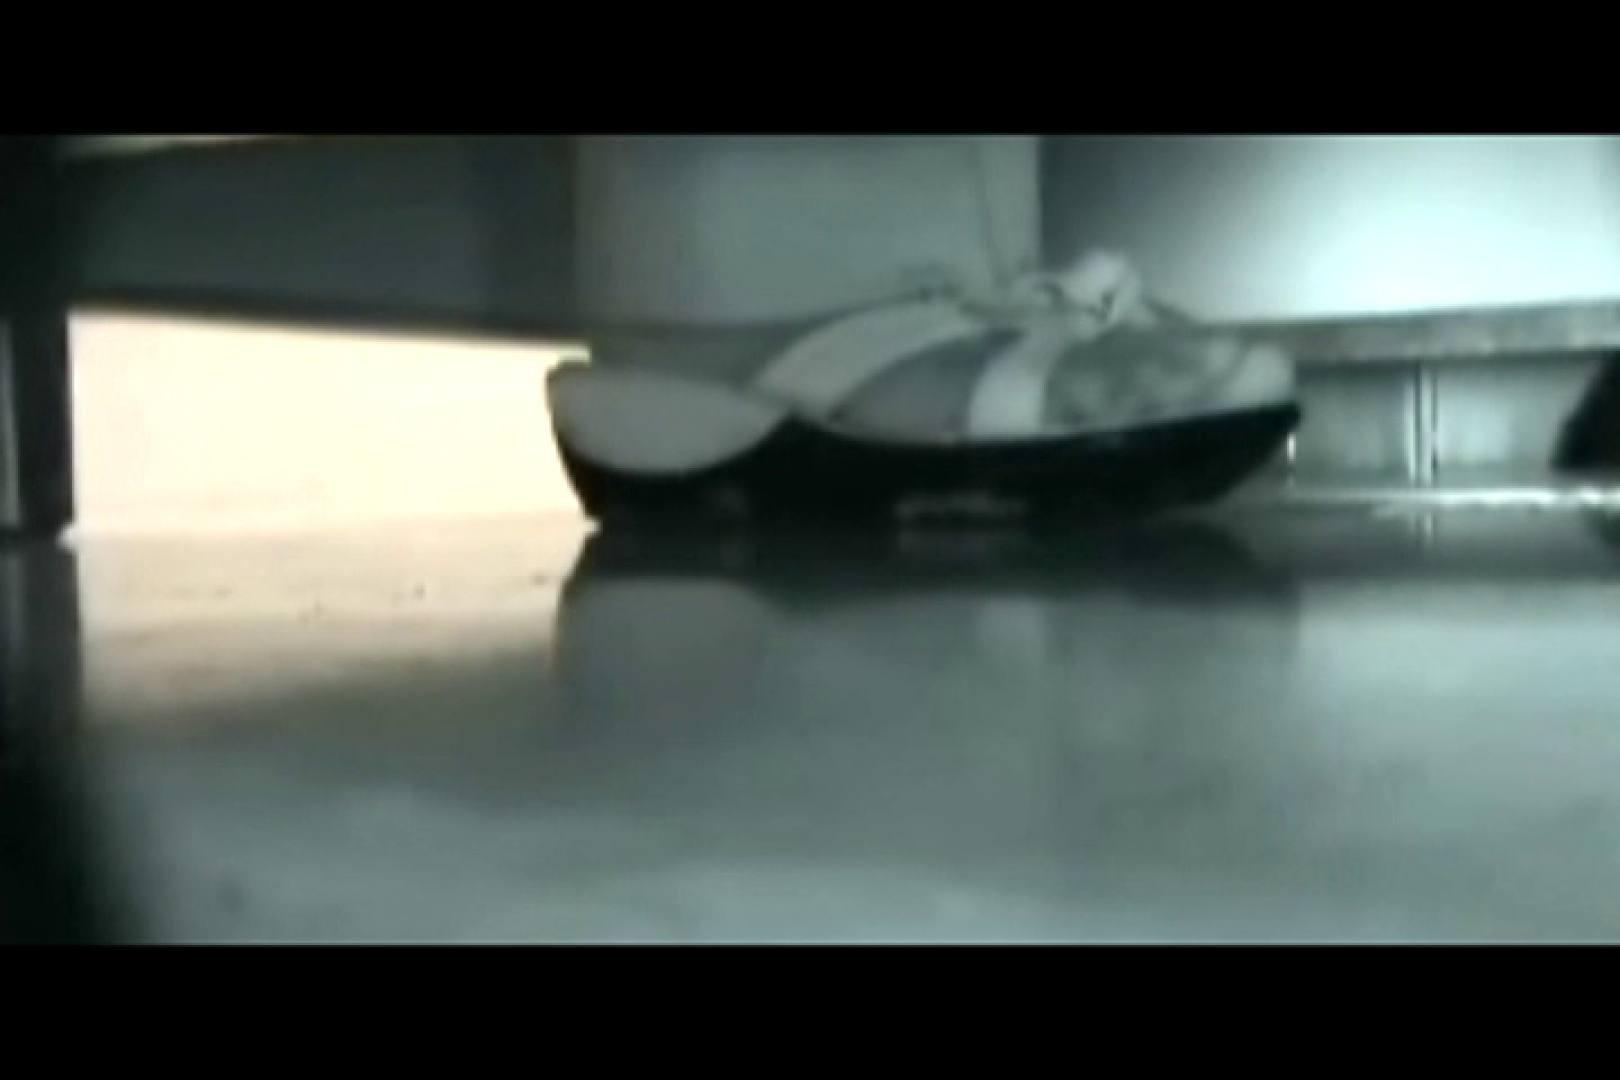 ぼっとん洗面所スペシャルVol.19 洗面所 | おまんこモロ出し  109pic 24